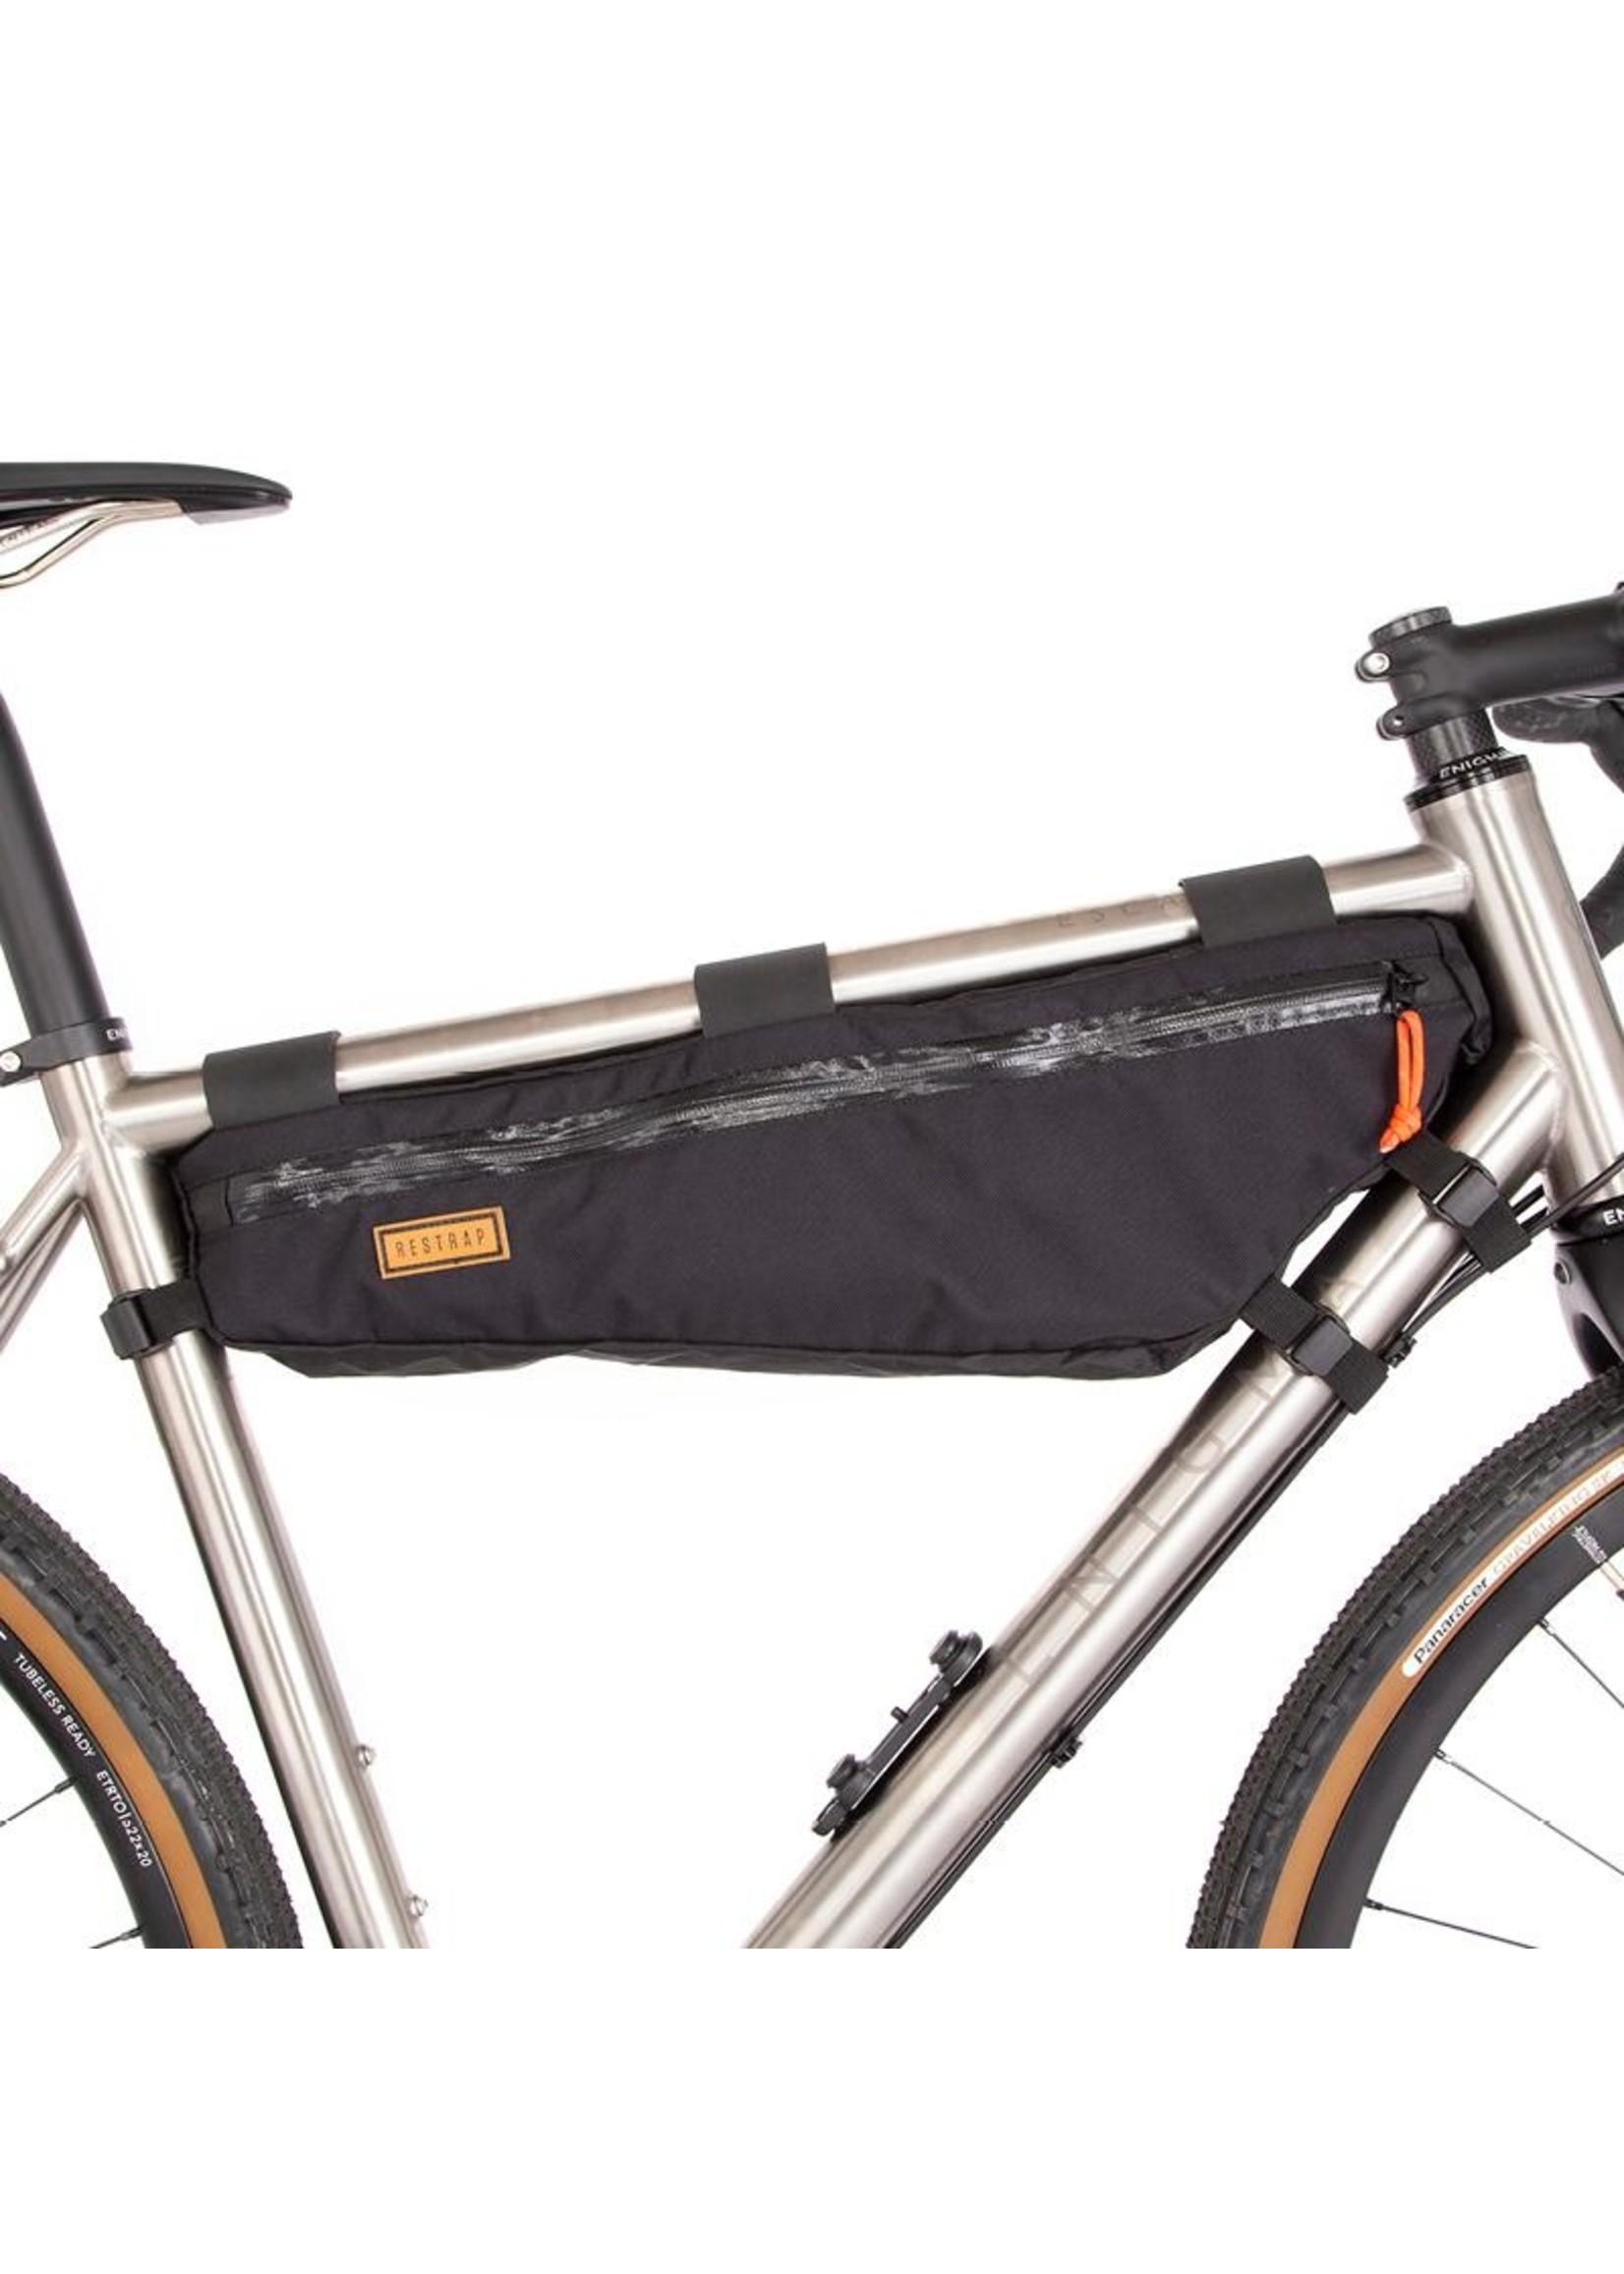 restrap Restrap- Frame Bag, Blk, 4.5L